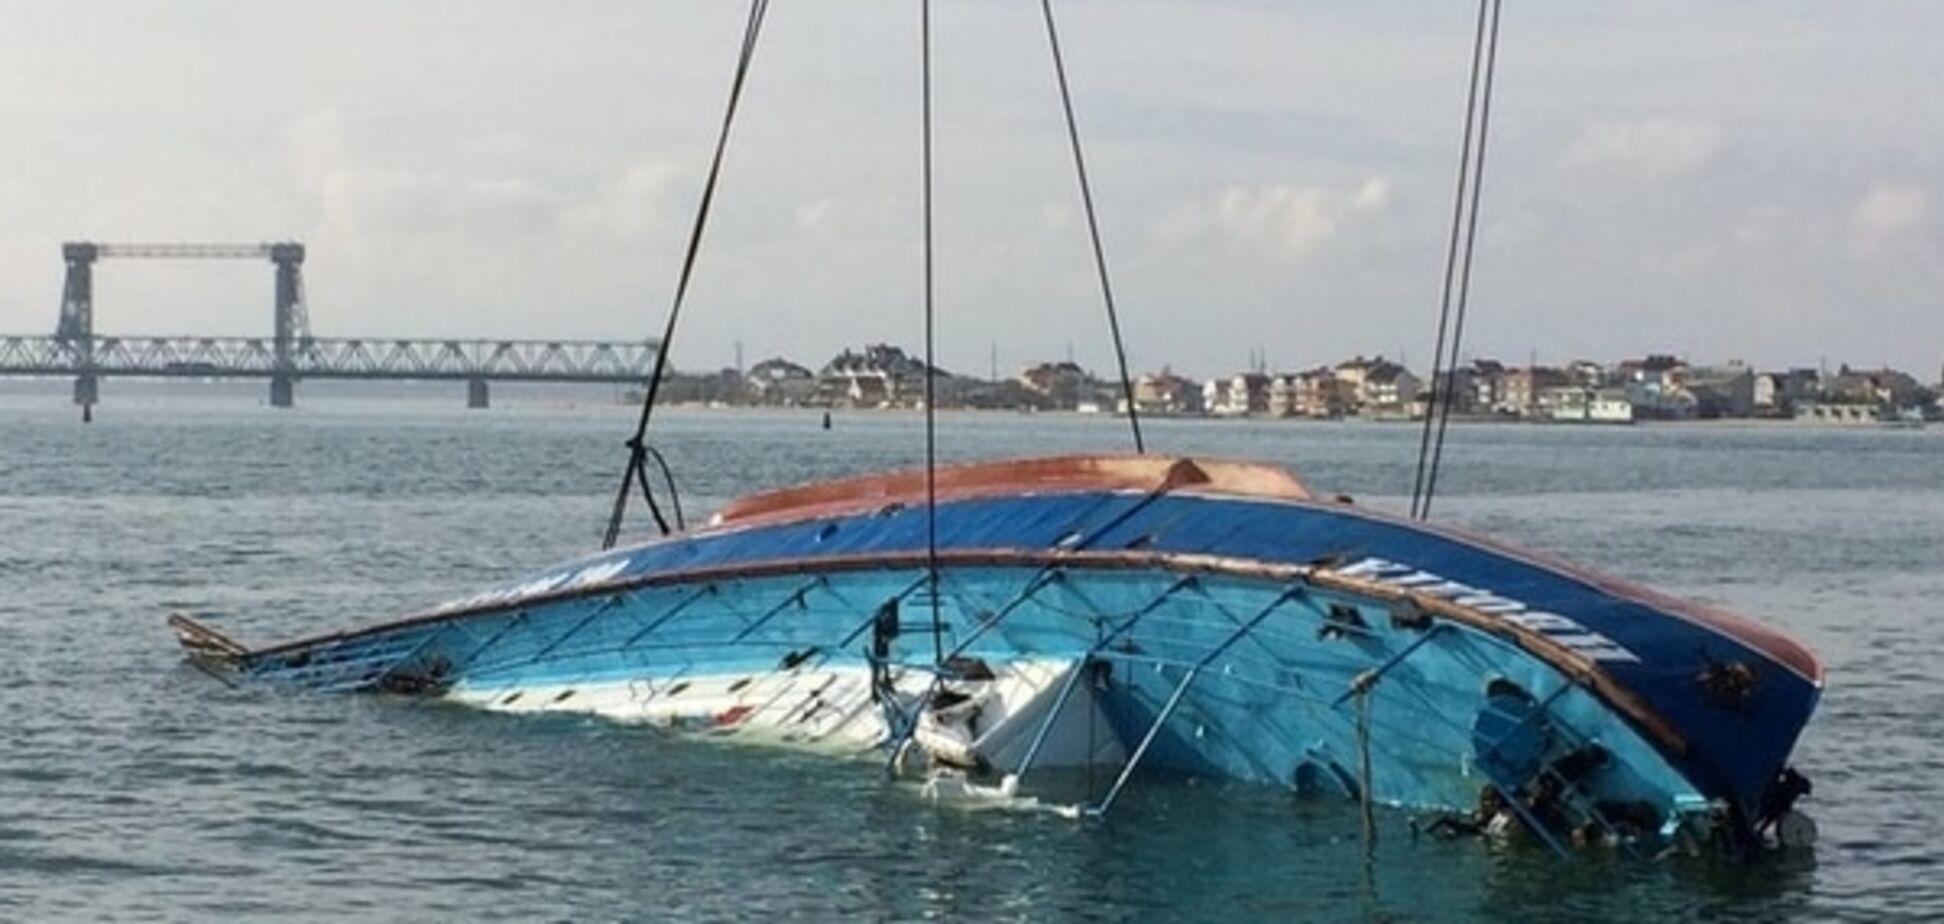 Спасатели распилили 'Иволгу' в поисках погибших пассажиров: видеофакт